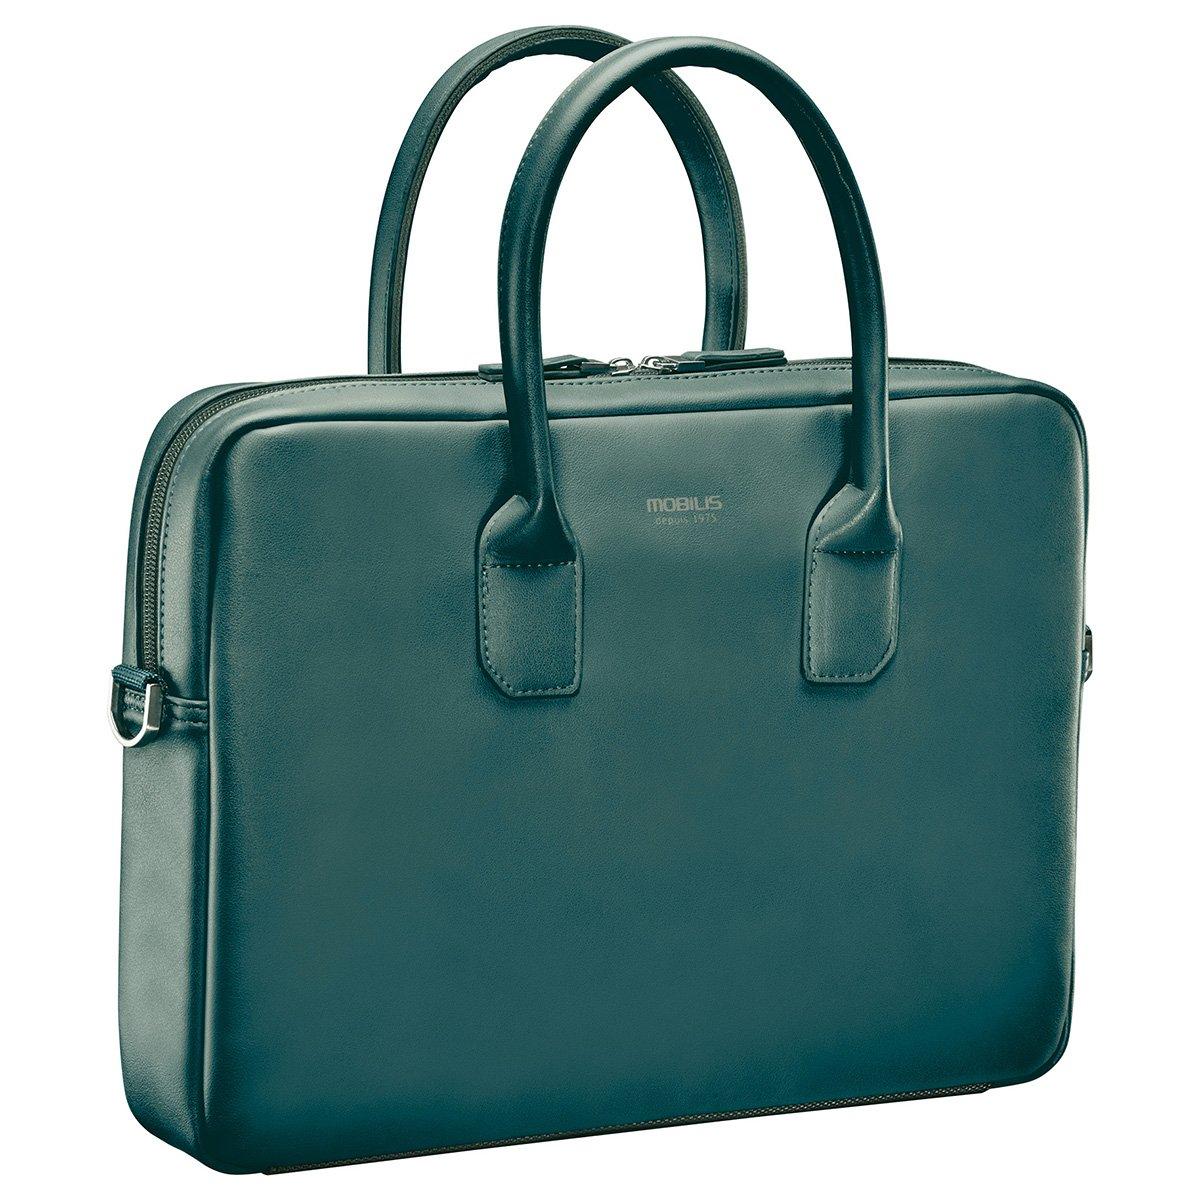 Mobilis 042030 Sacoche pour Ordinateur portable/Tablette 14-16'' Bleu Prusse